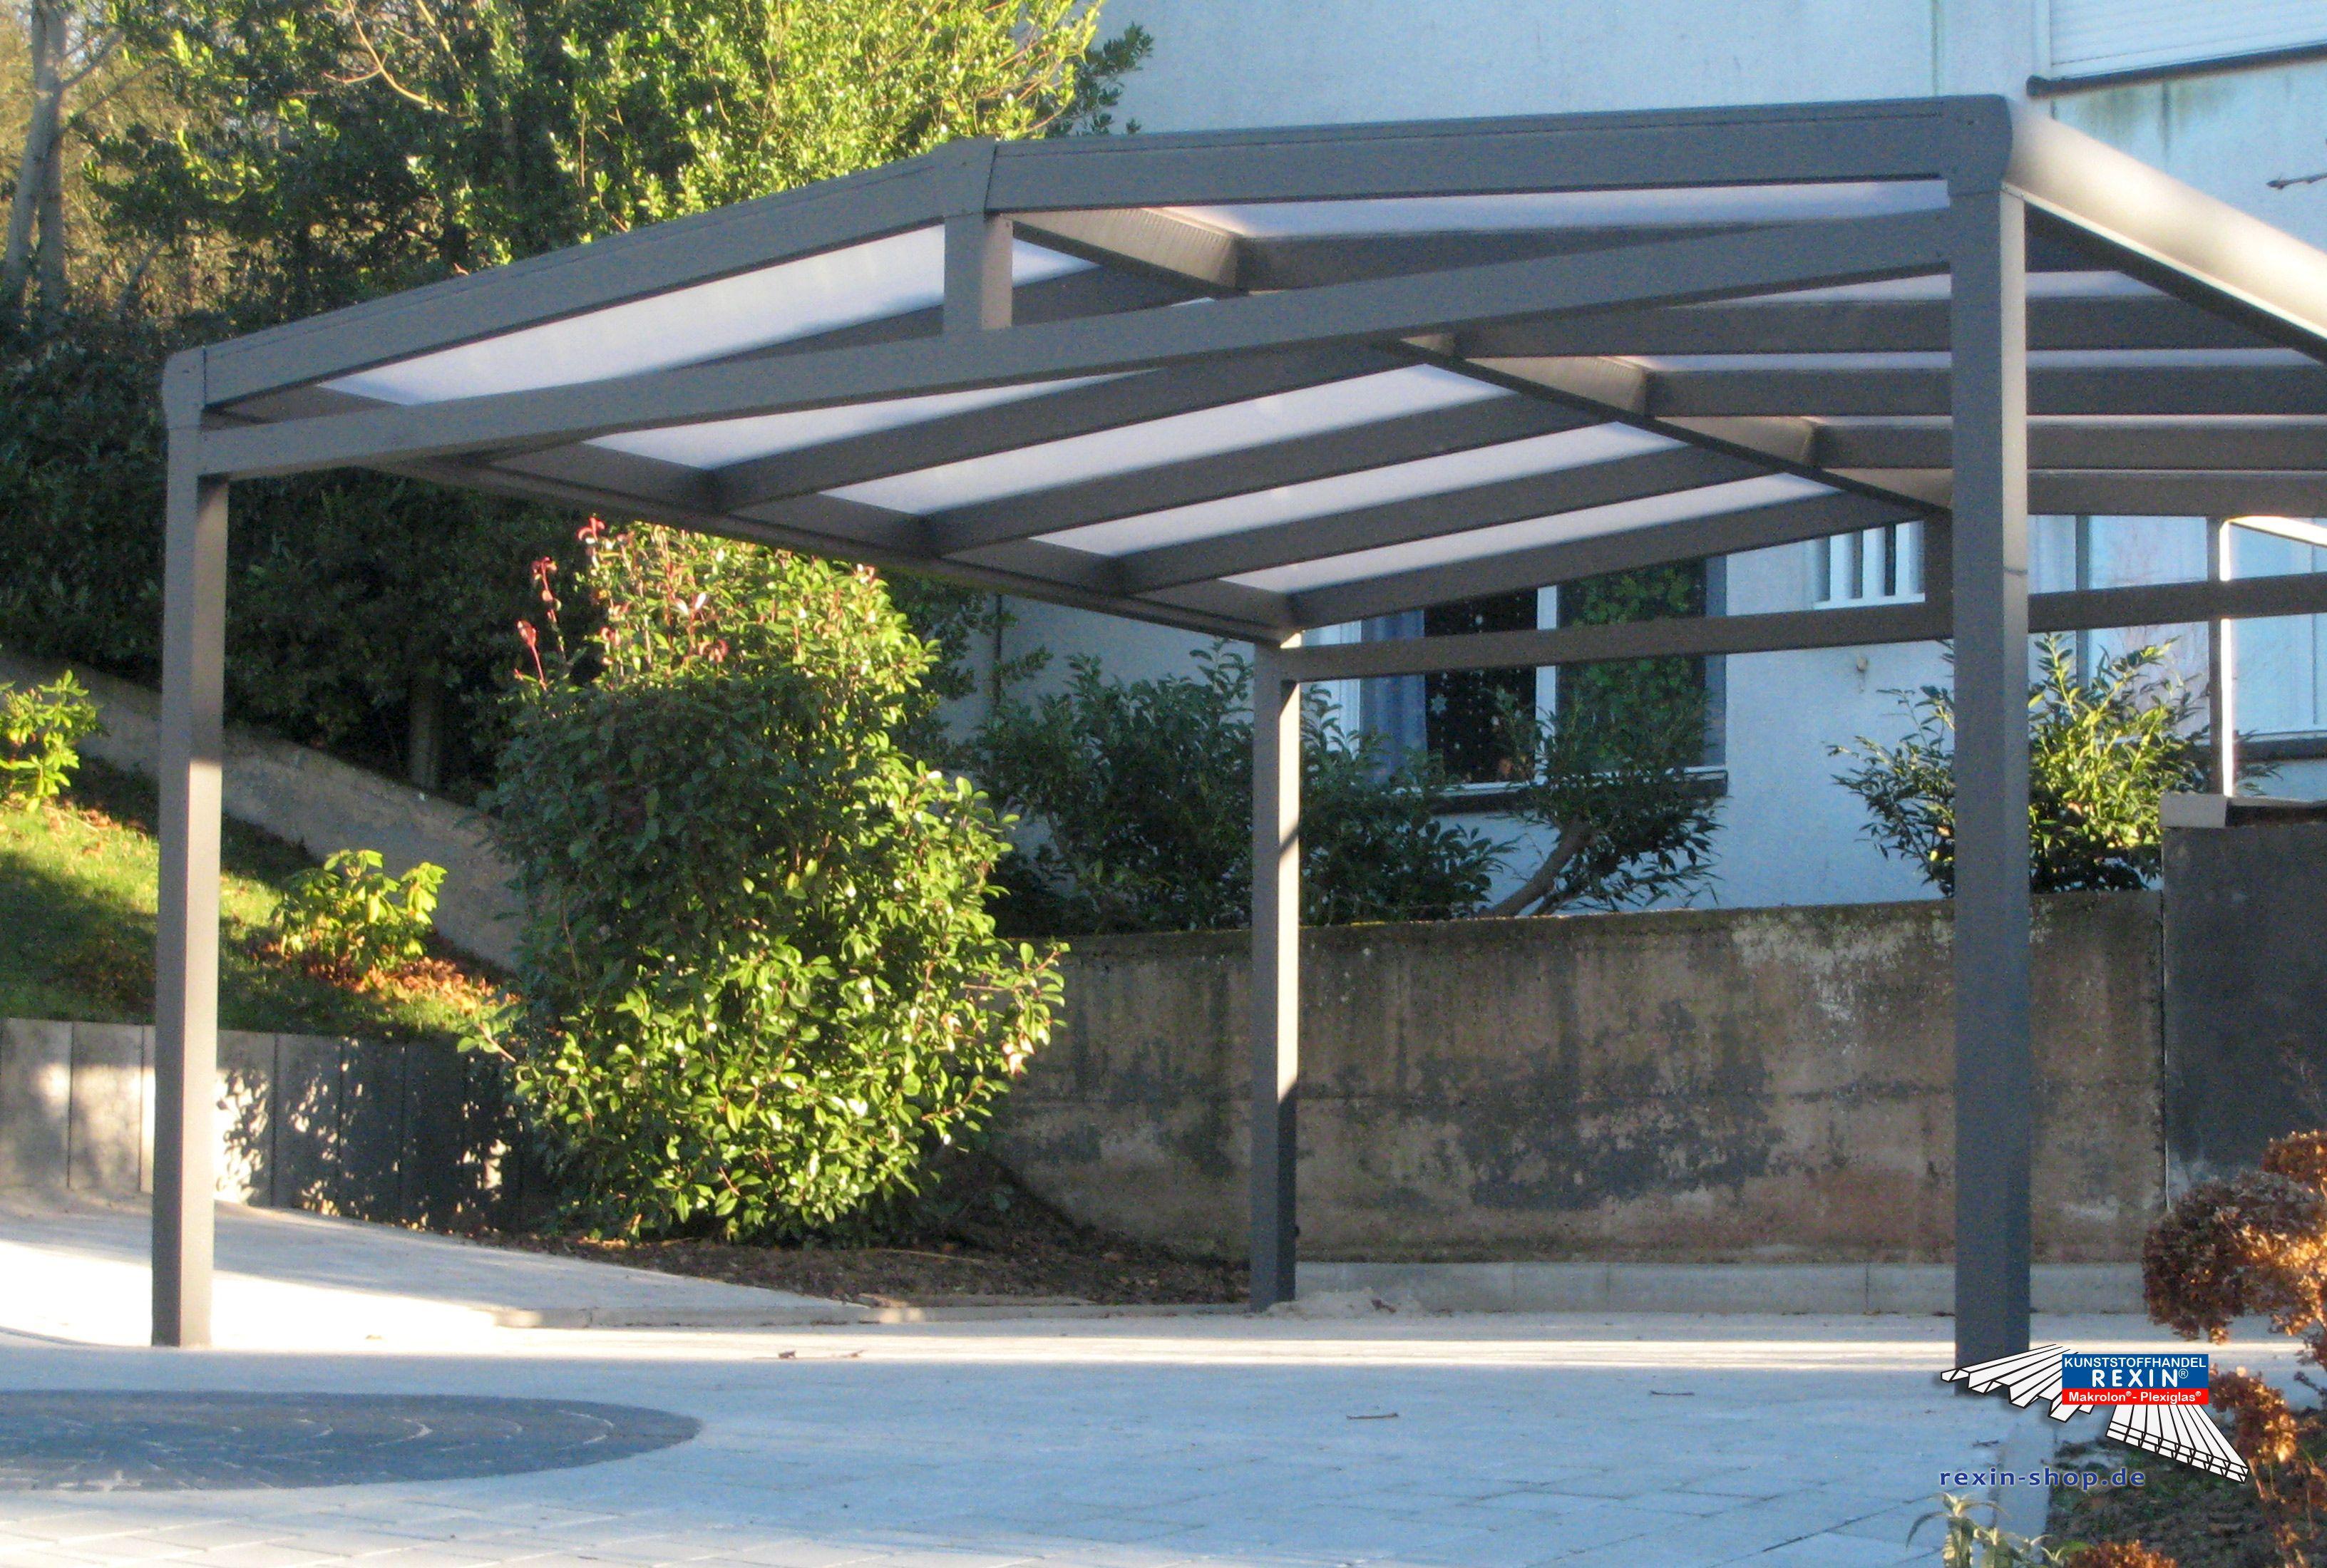 Alu Carport Der Marke Rexoport 5 12m X 5m In Anthrazit Bei Diesem Freistehenden Aluminium Doppelcarport Mit Alu Carport Carport Preise Plane Fur Scheunenhaus